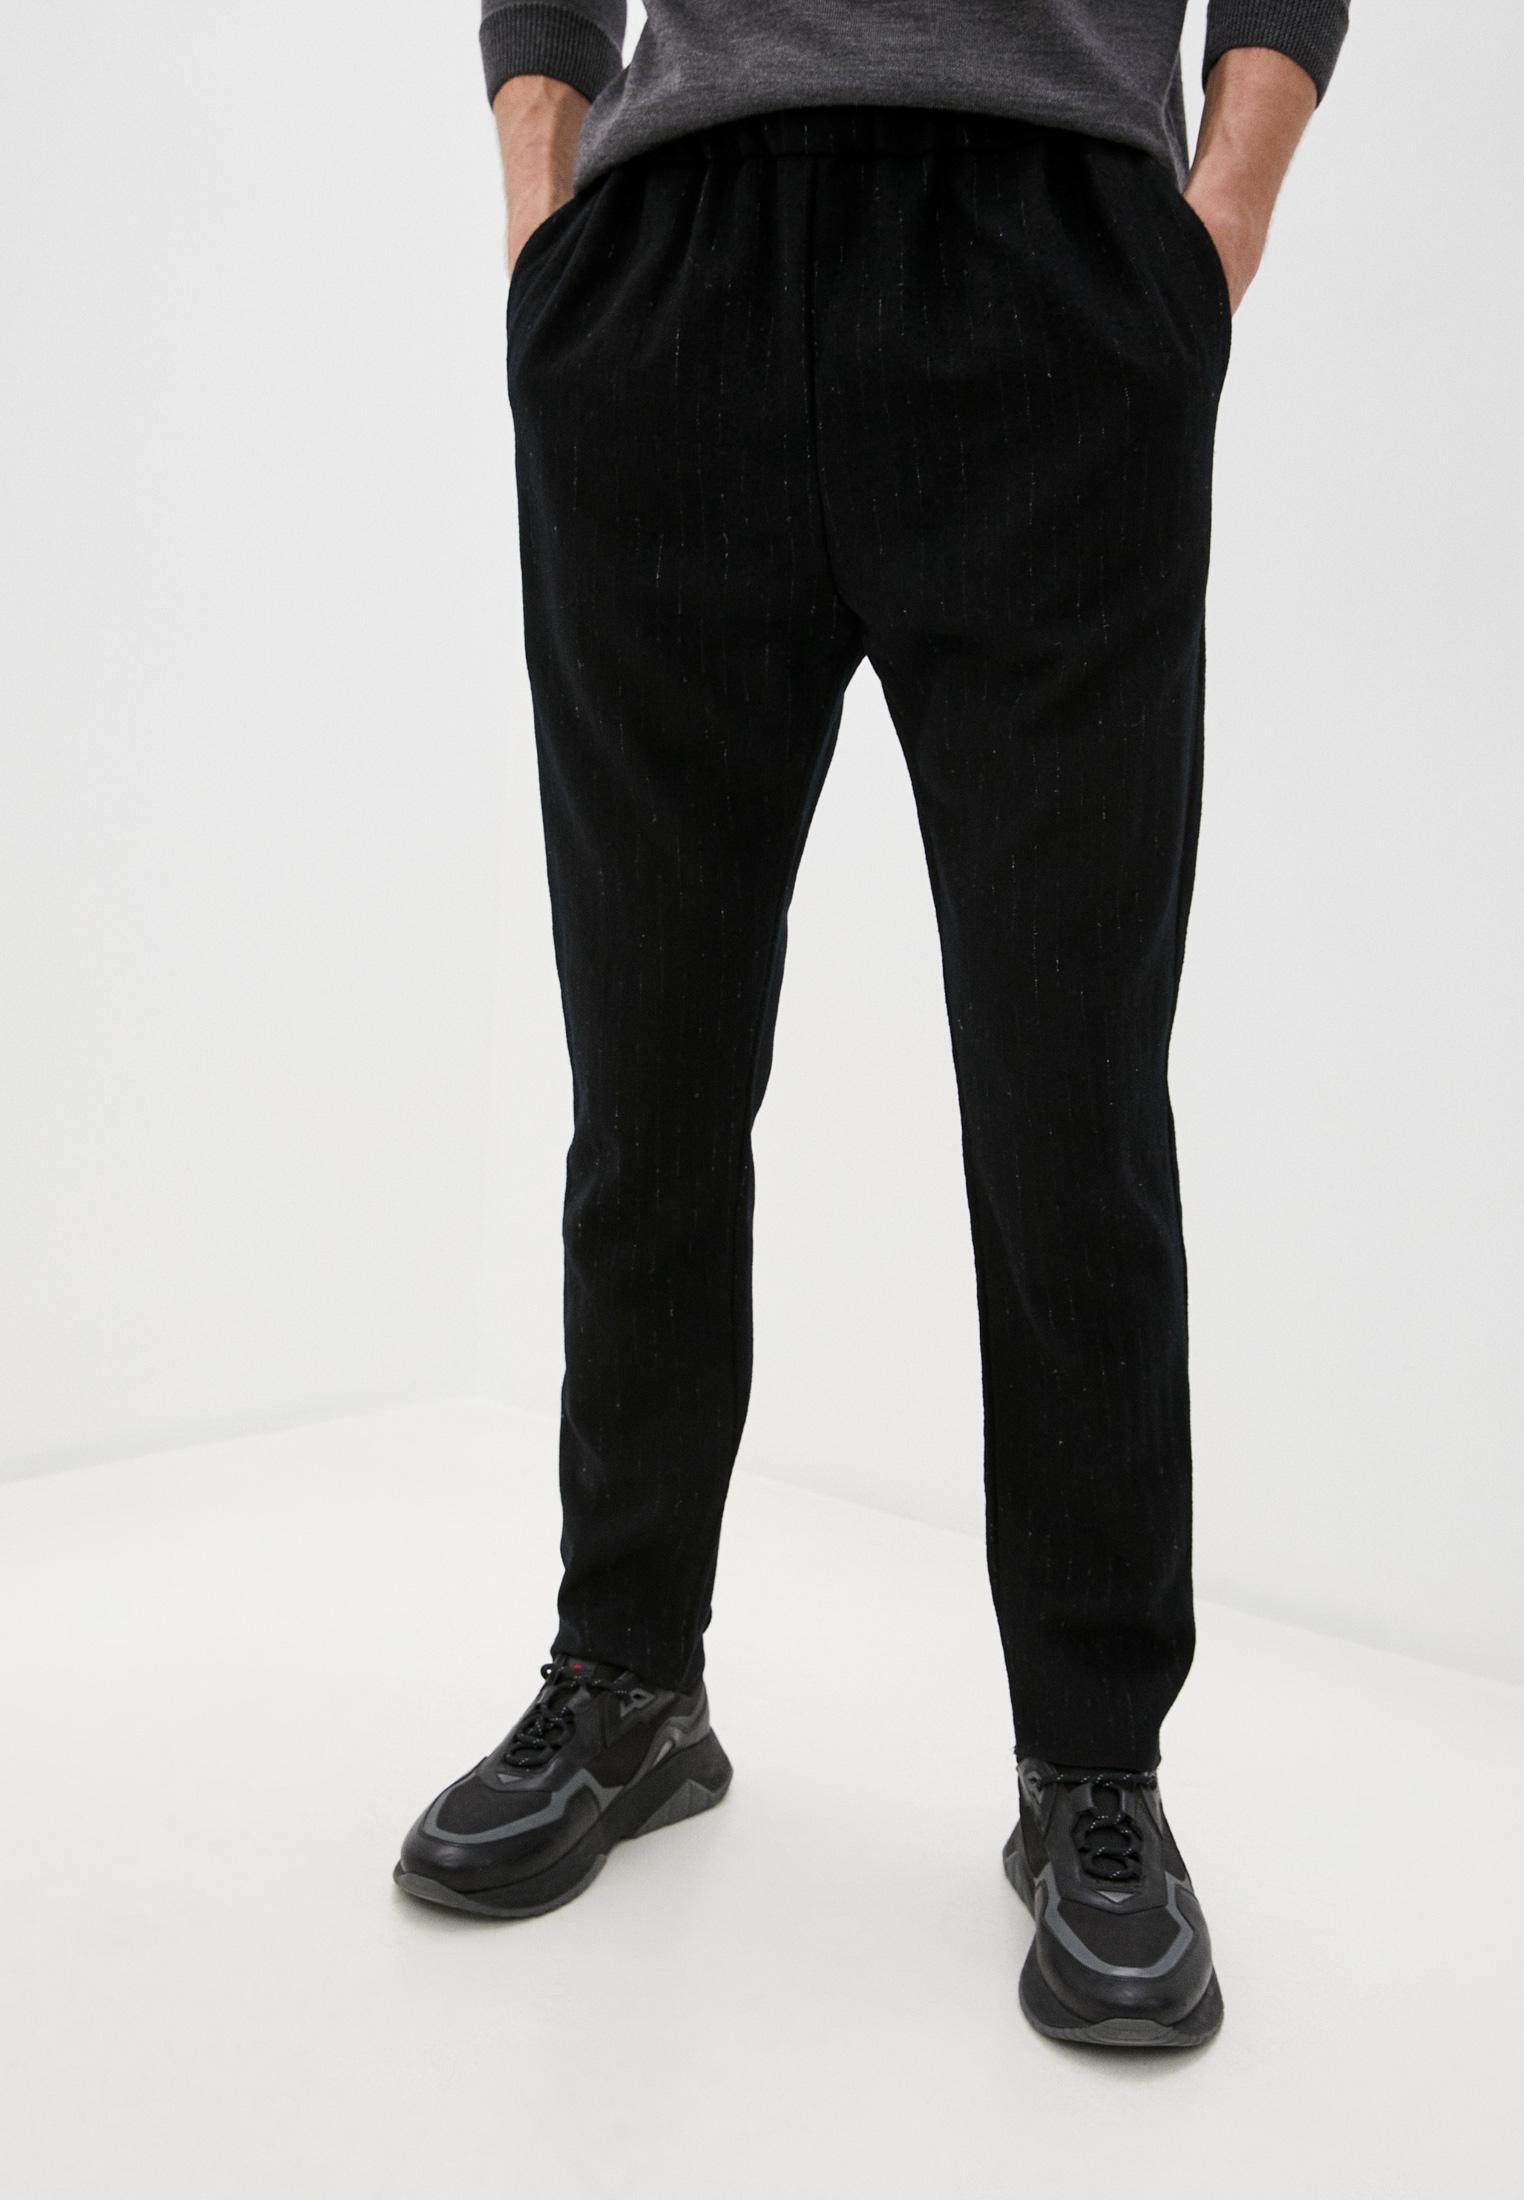 Мужские брюки Brian Dales pa108jk4457